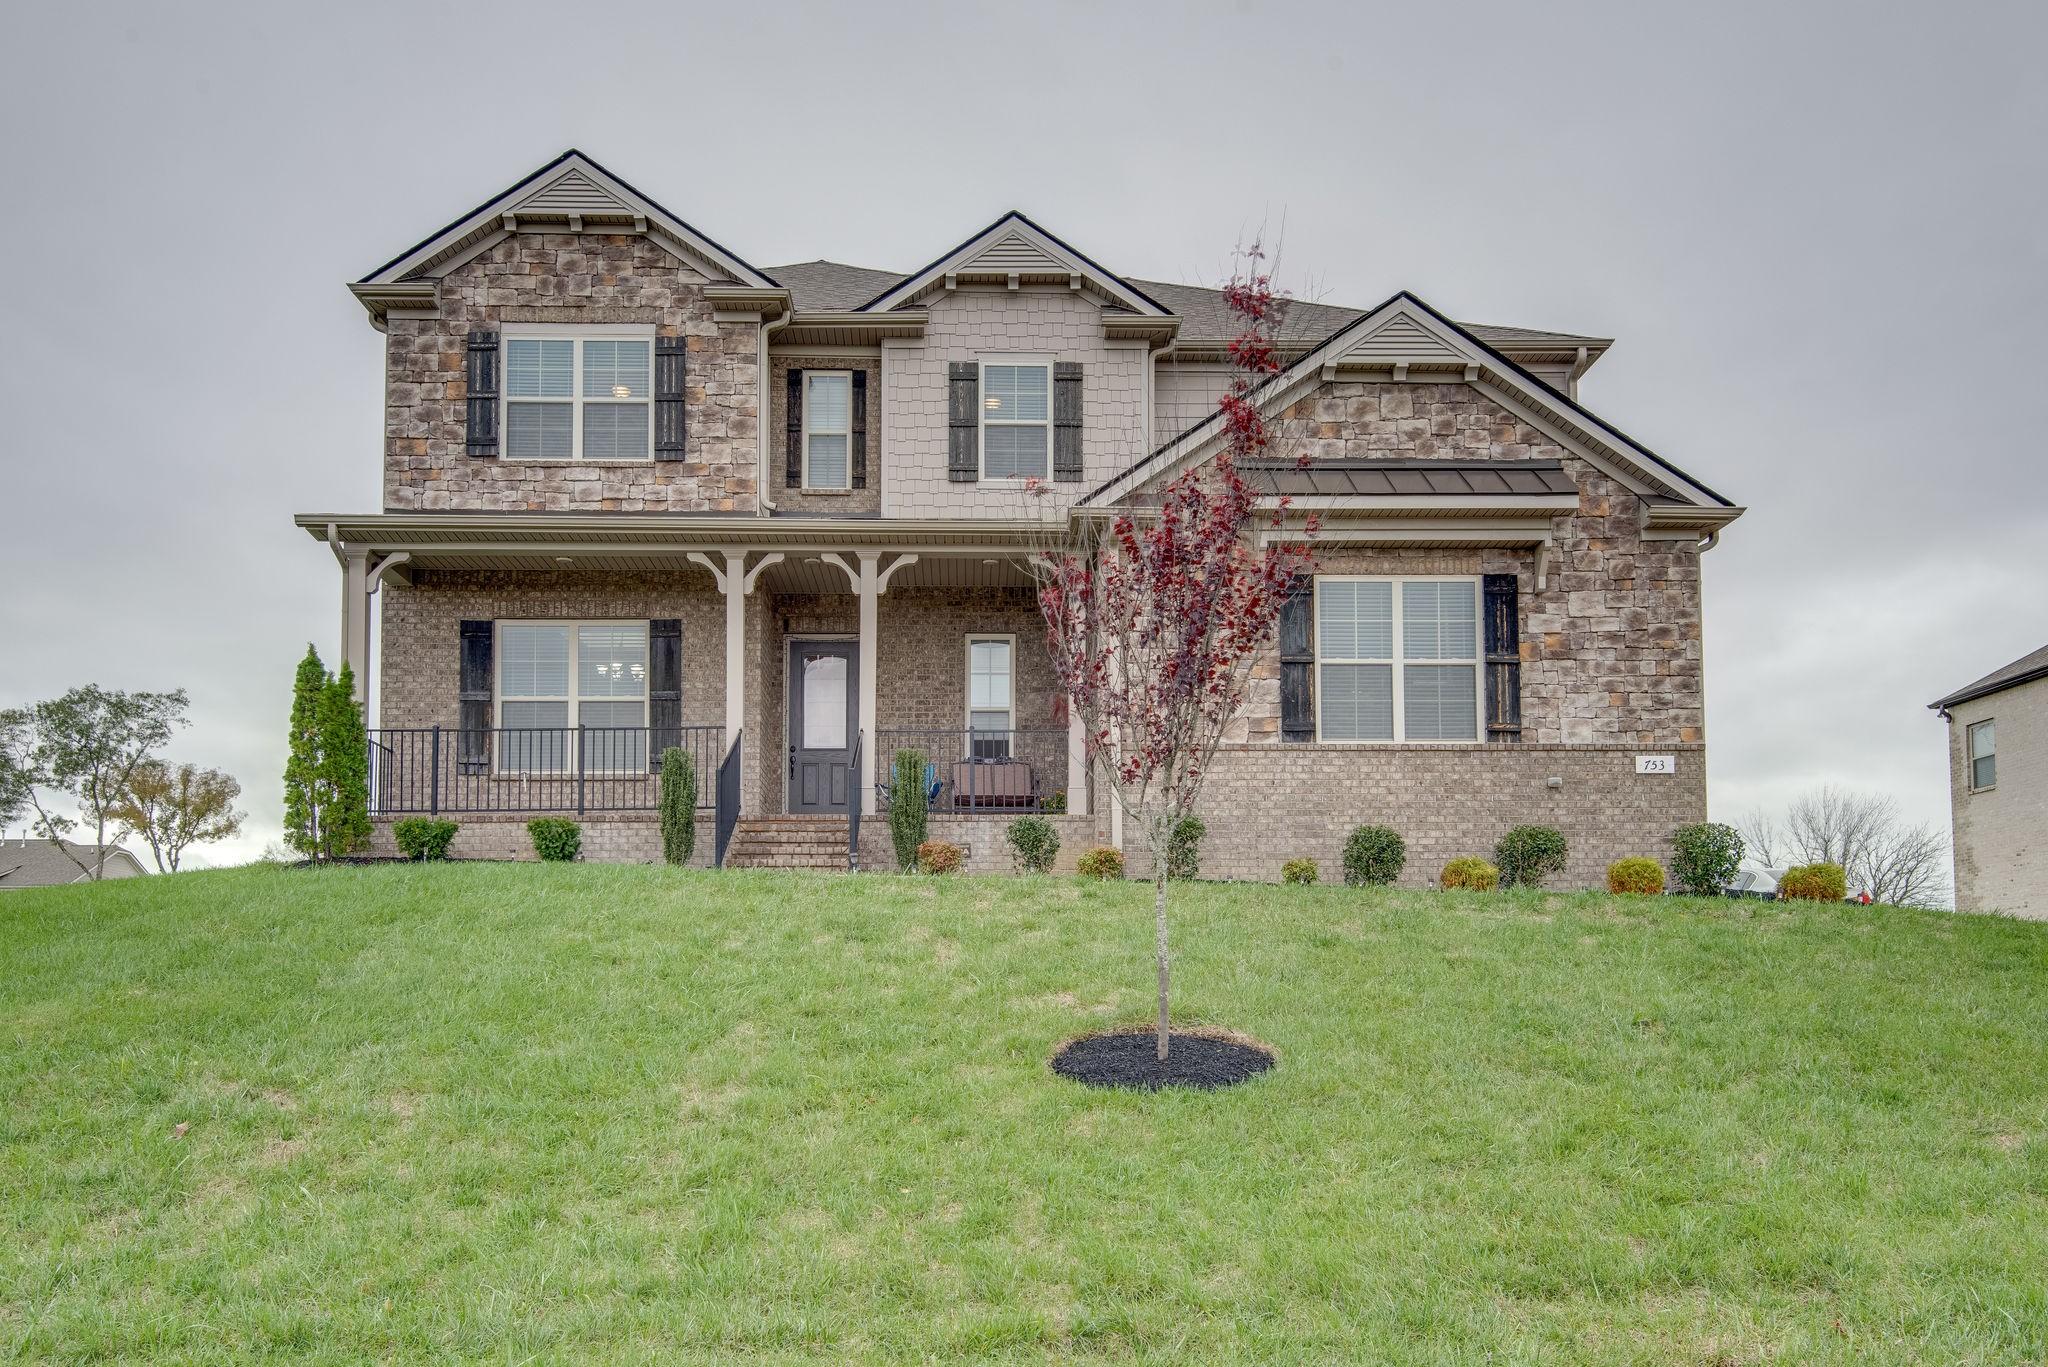 753 Alameda Ave, Nolensville, TN 37135 - Nolensville, TN real estate listing